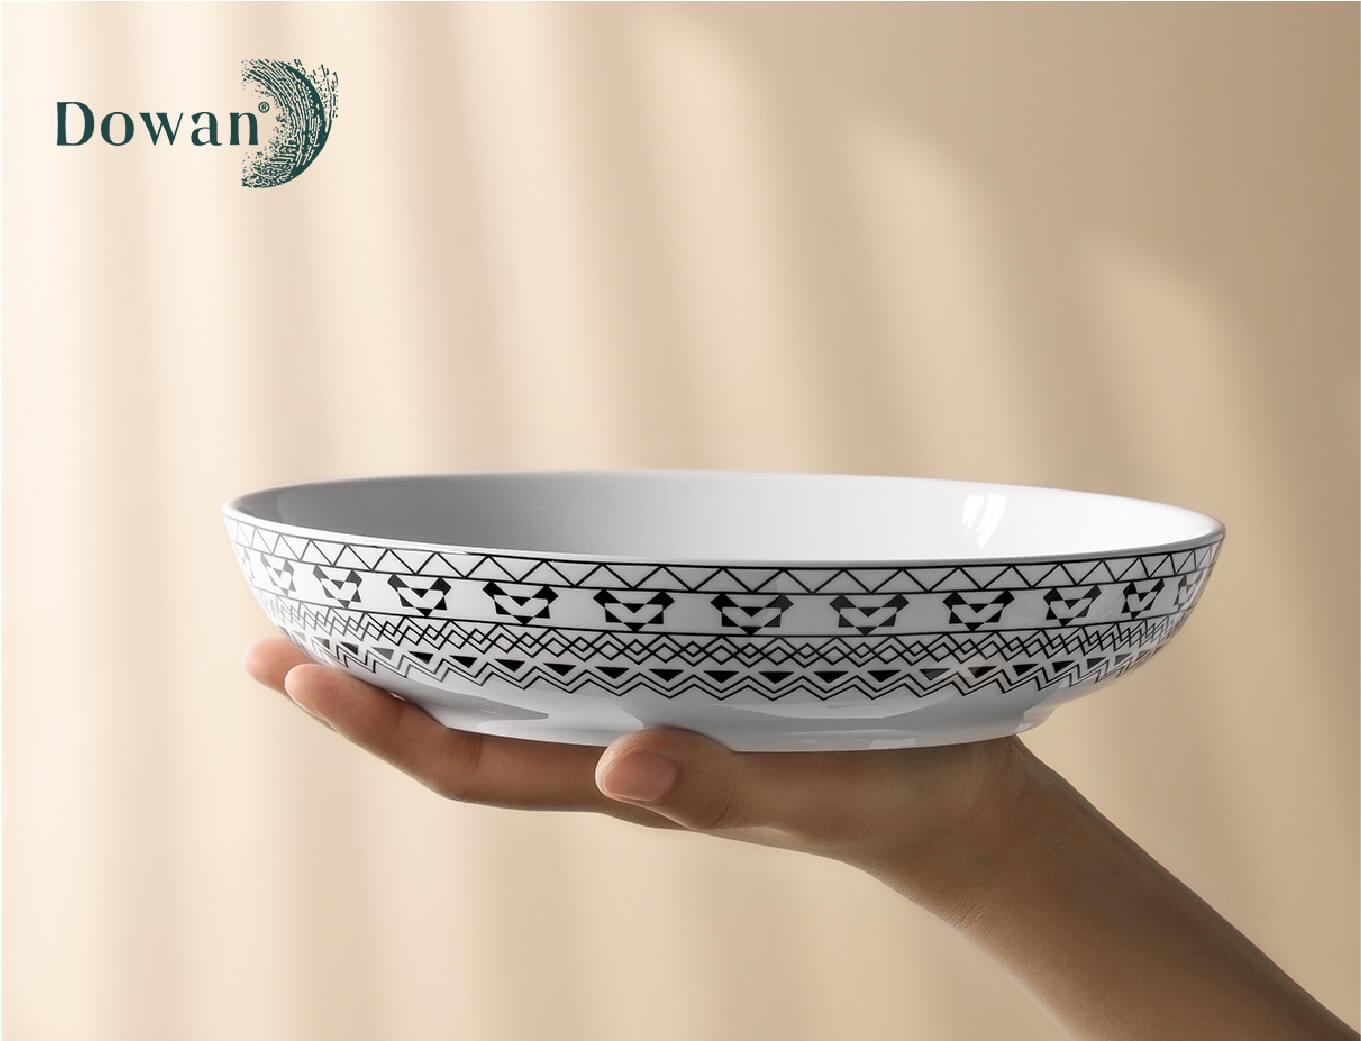 Dowan tableware designer Dinner plate